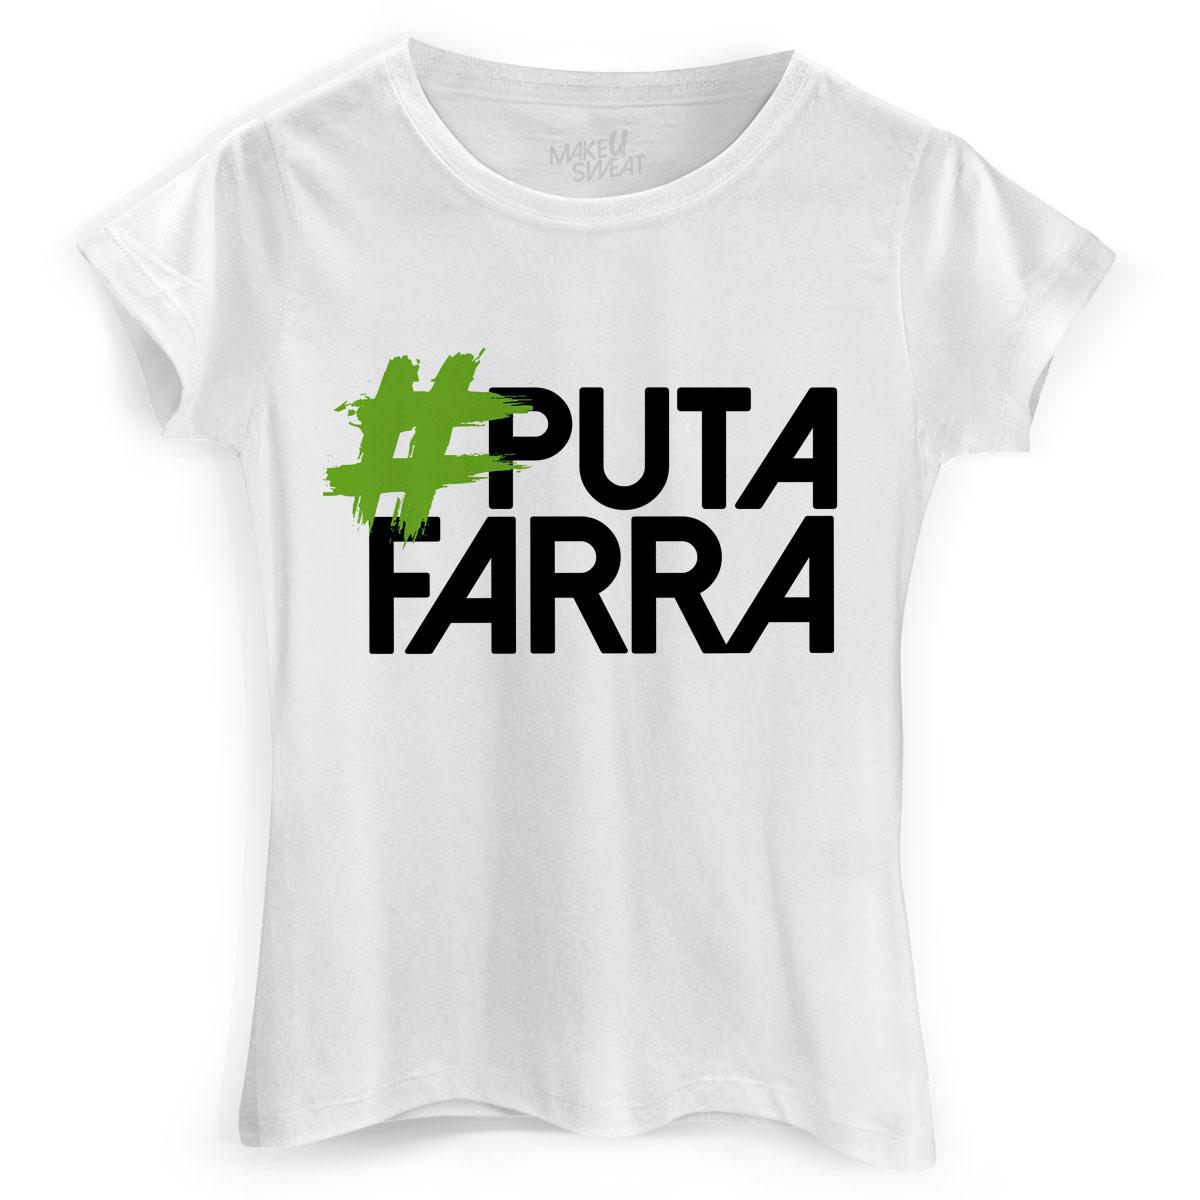 Camiseta Feminina Make U Sweat #PutaFarra